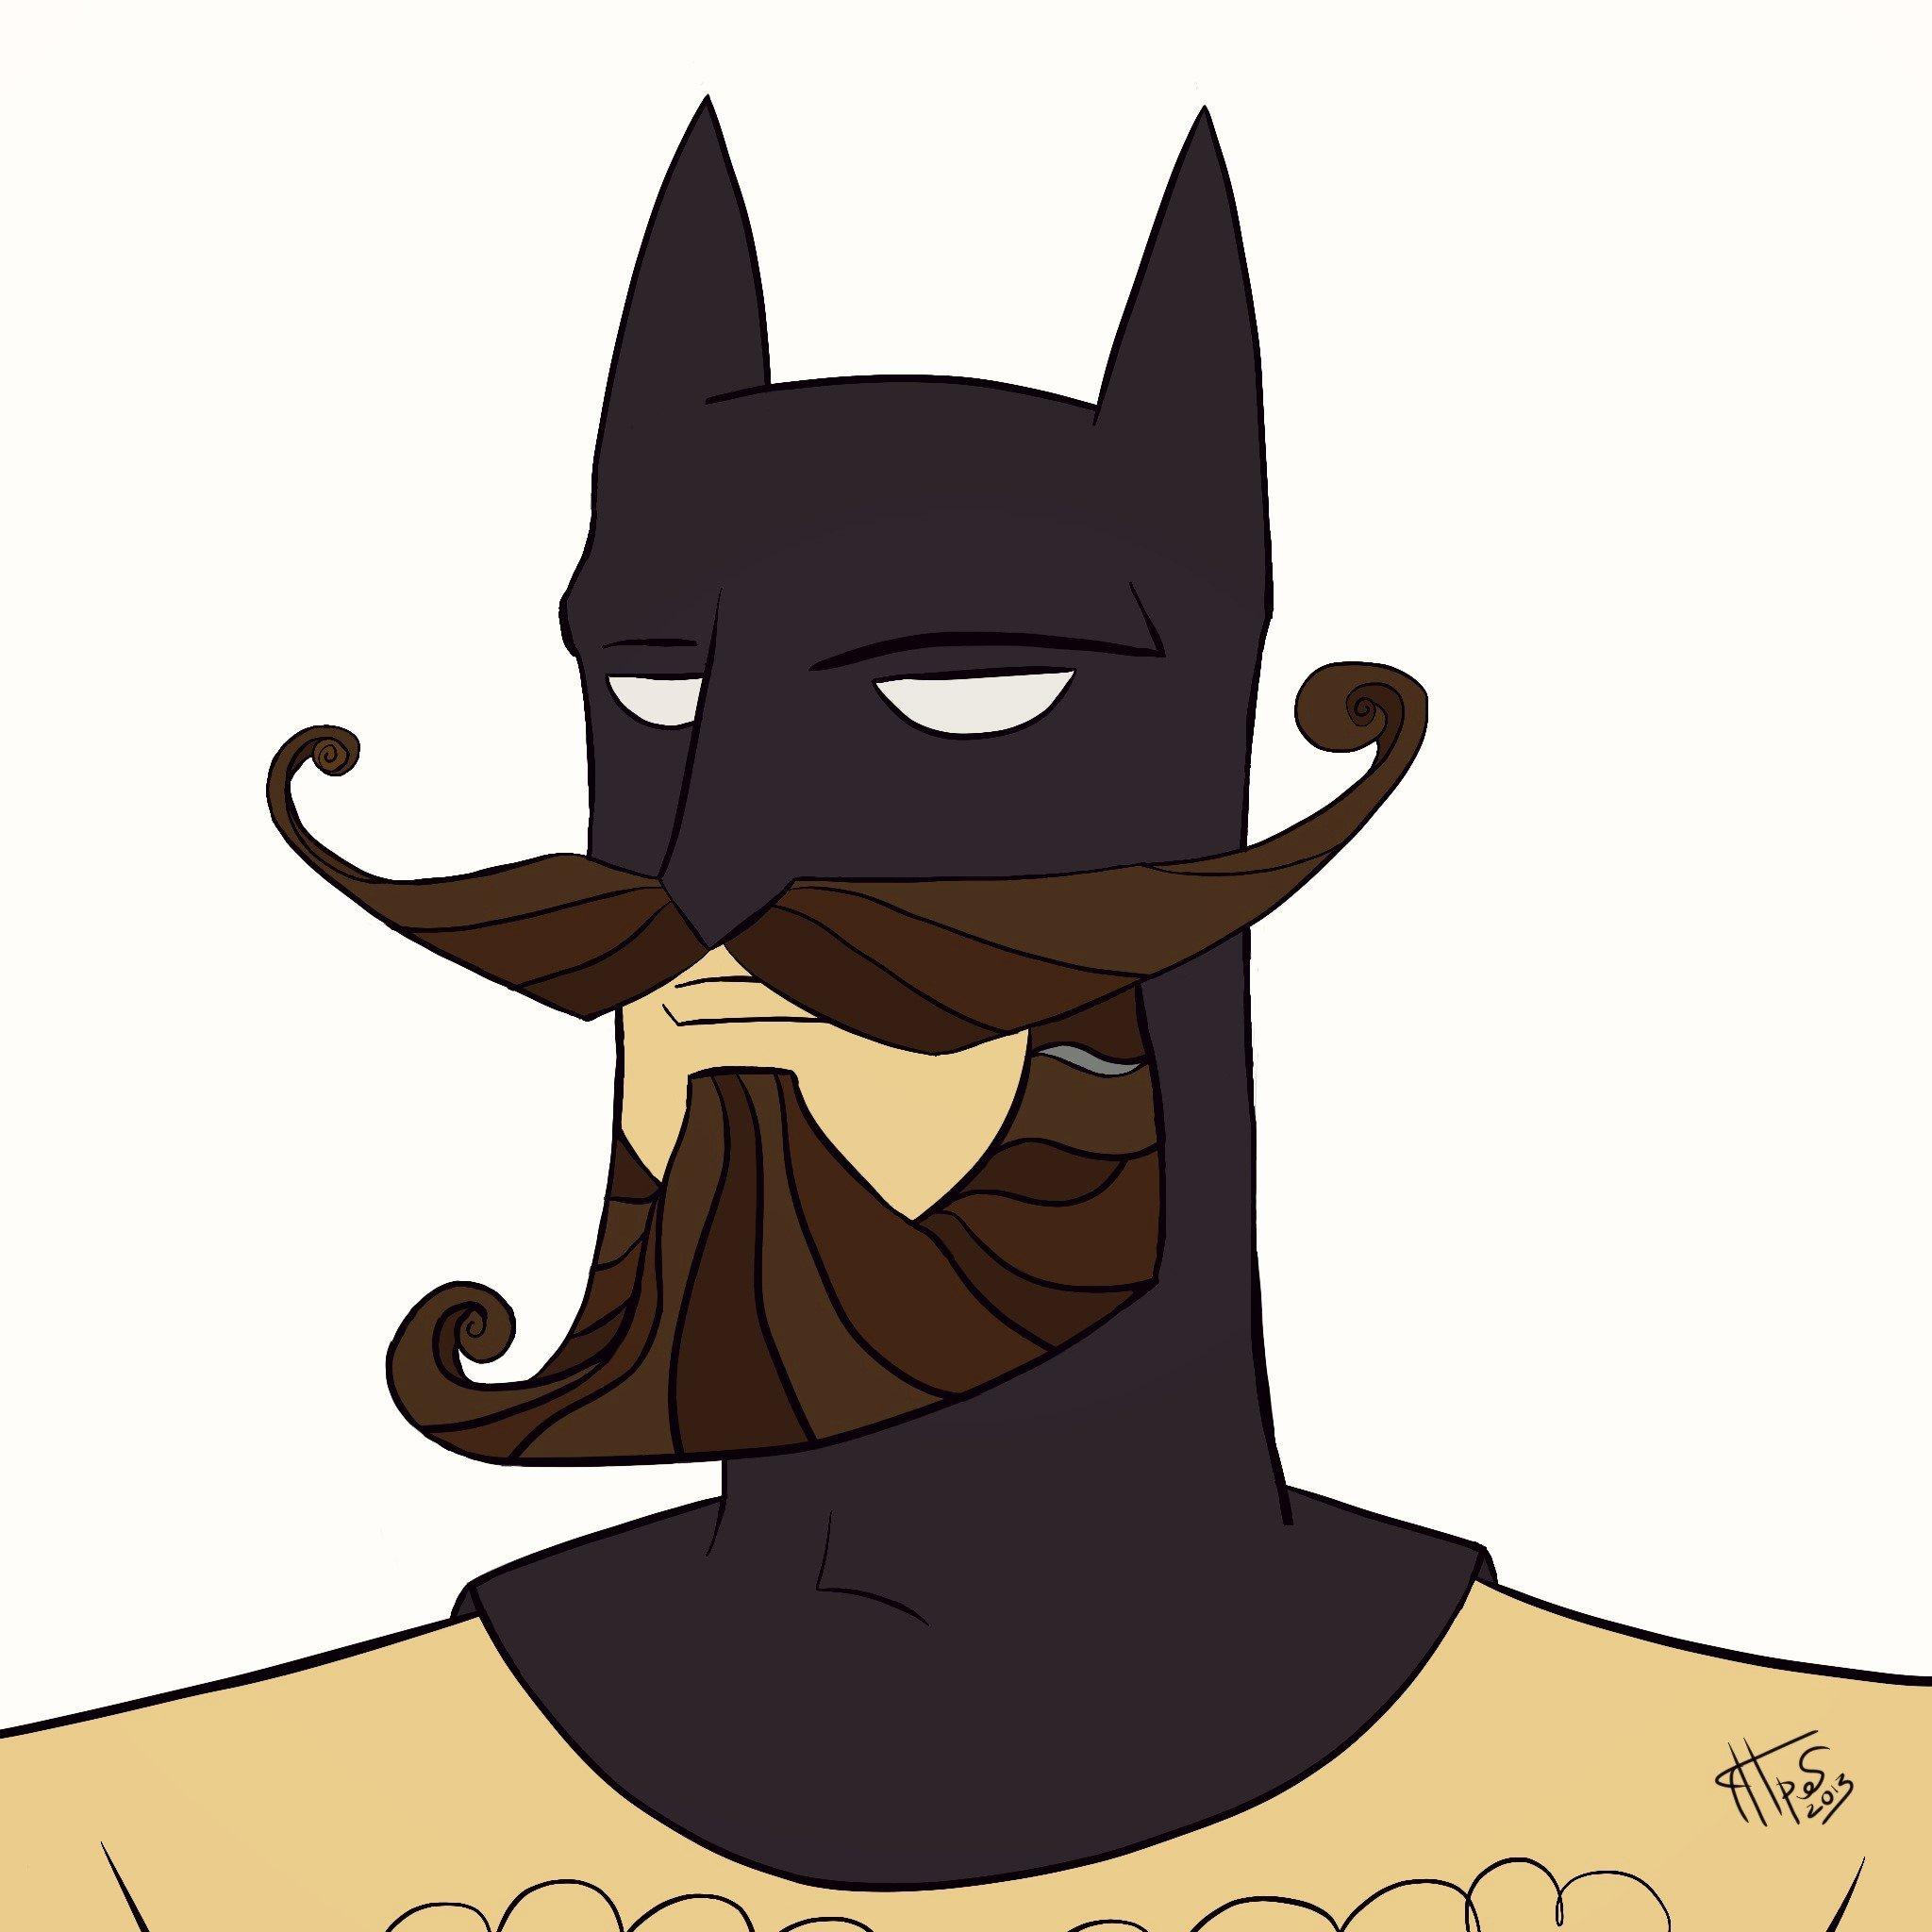 """Меня долго мучил вопрос из разряда """"А что если"""" про Бэтмена и усы)) И вот нарисовалось))  P.S. Теперь еще и борода... - Изображение 2"""